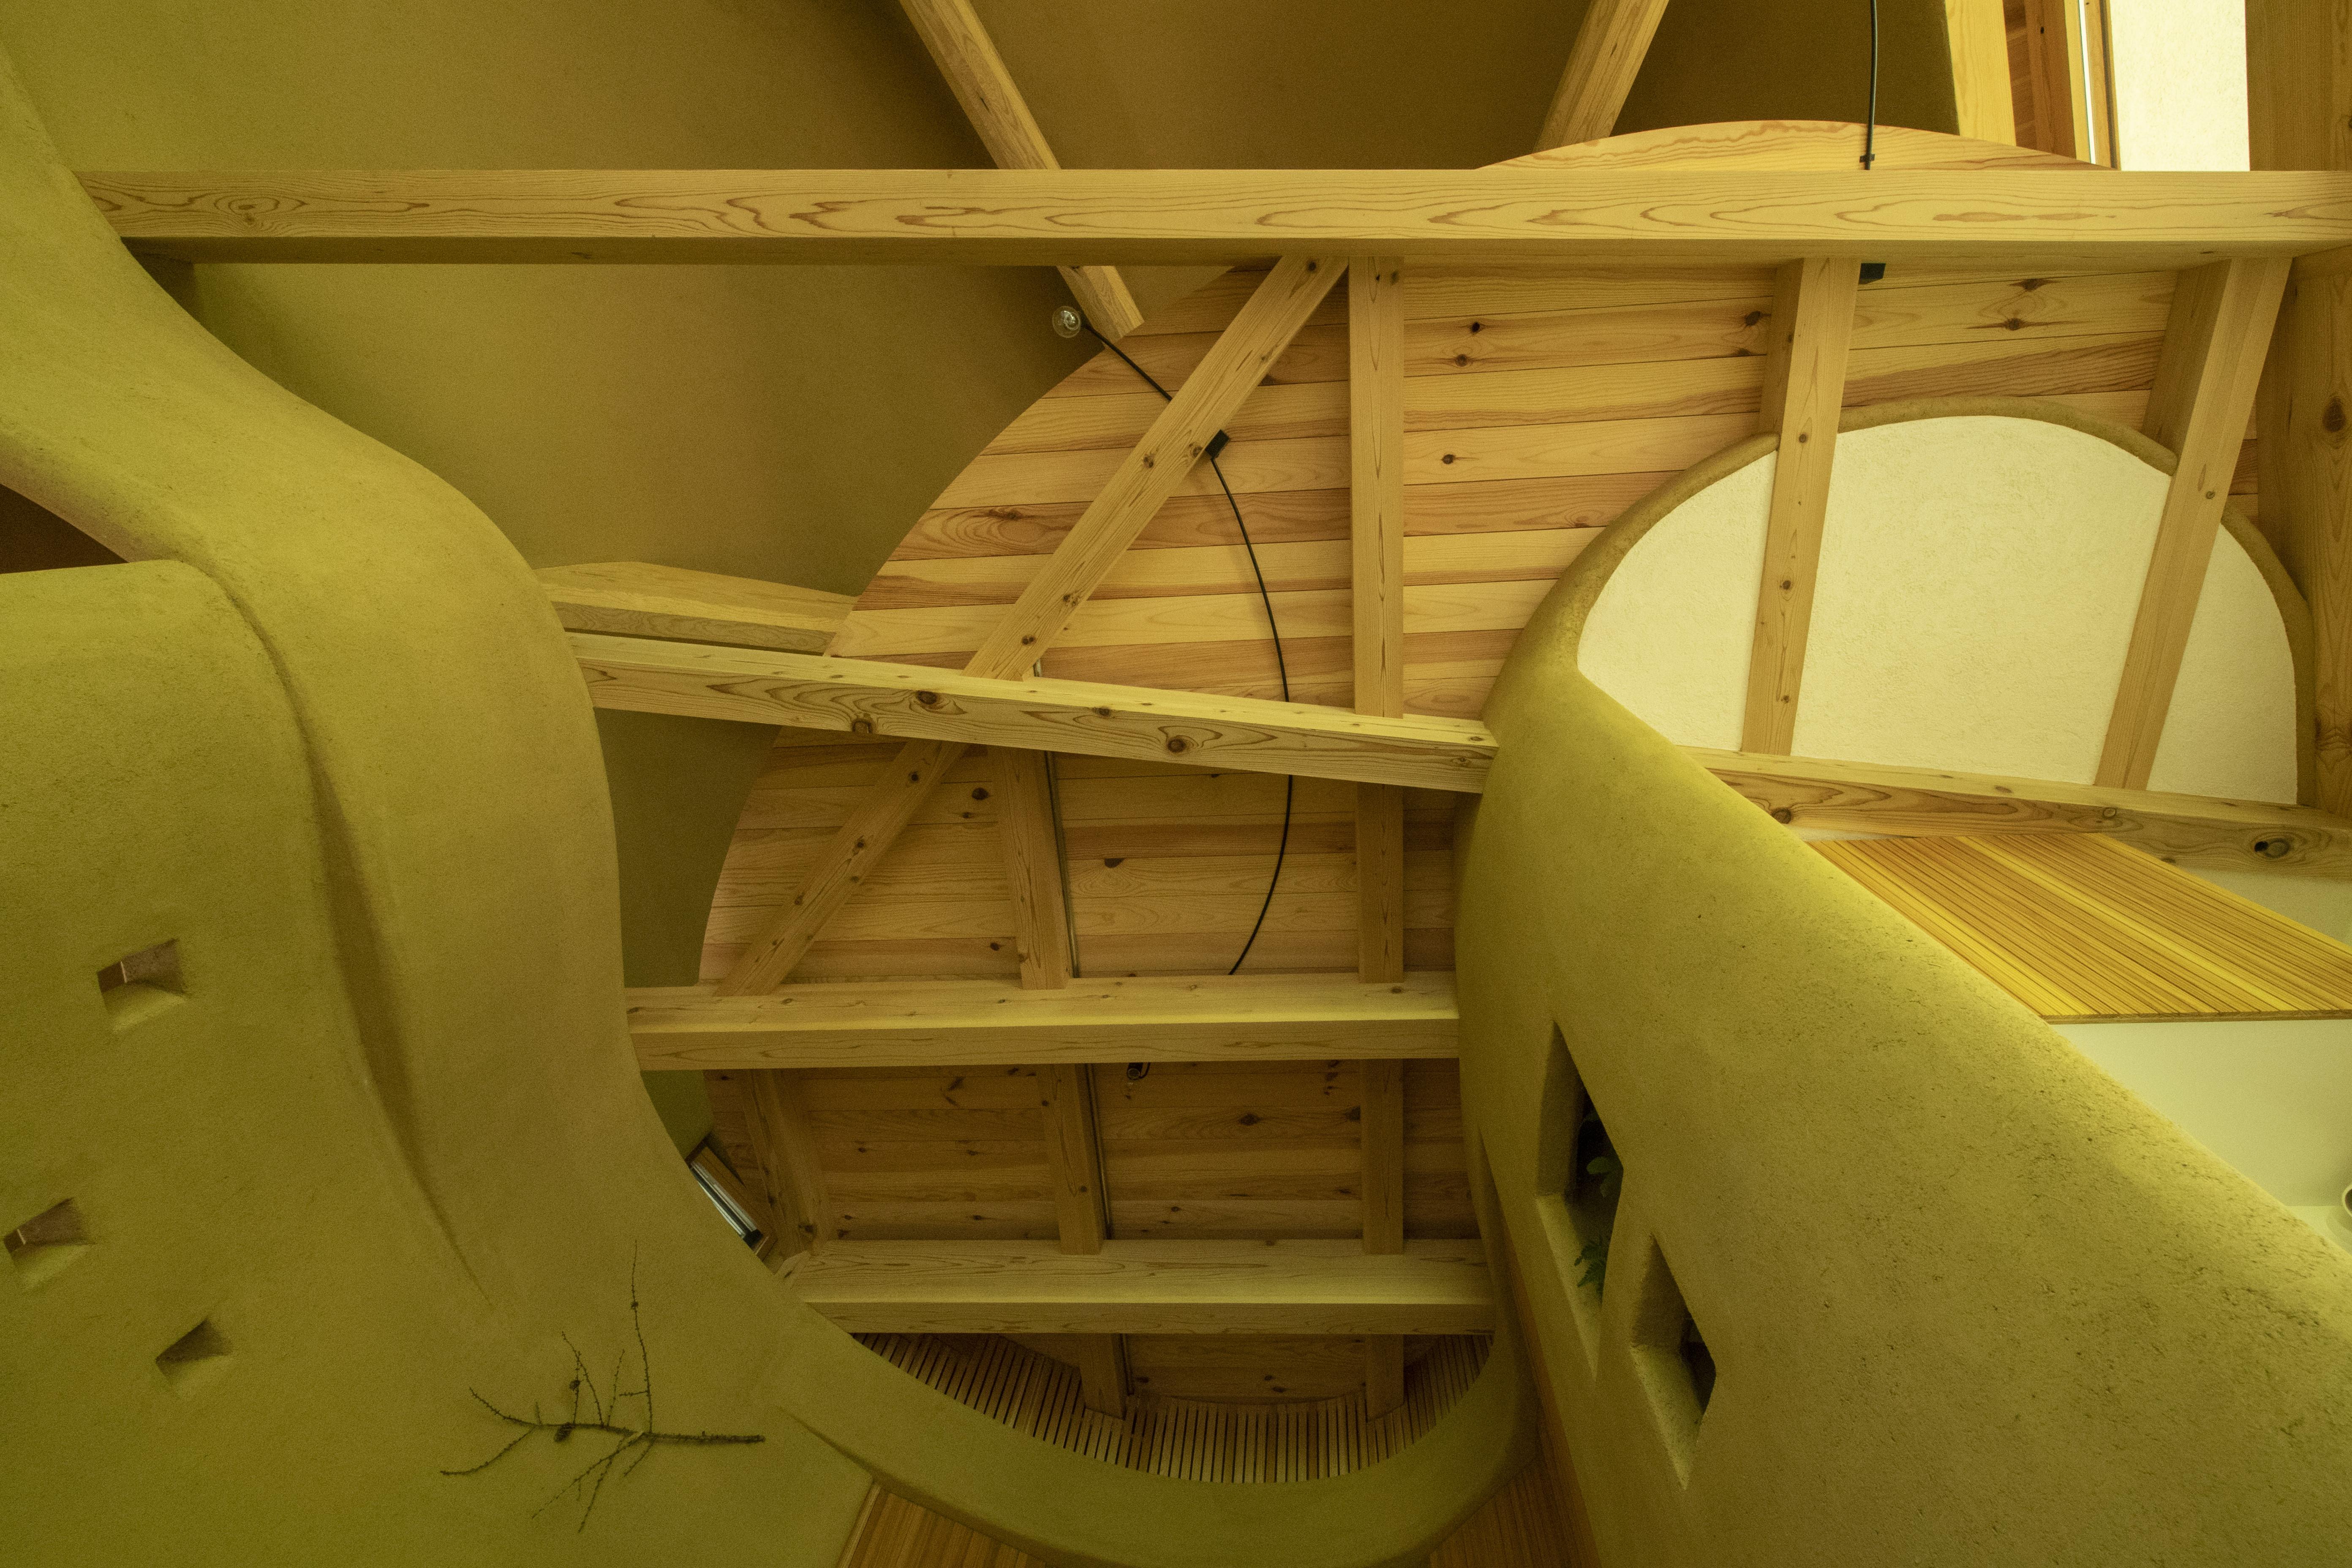 2nd floor ceiling